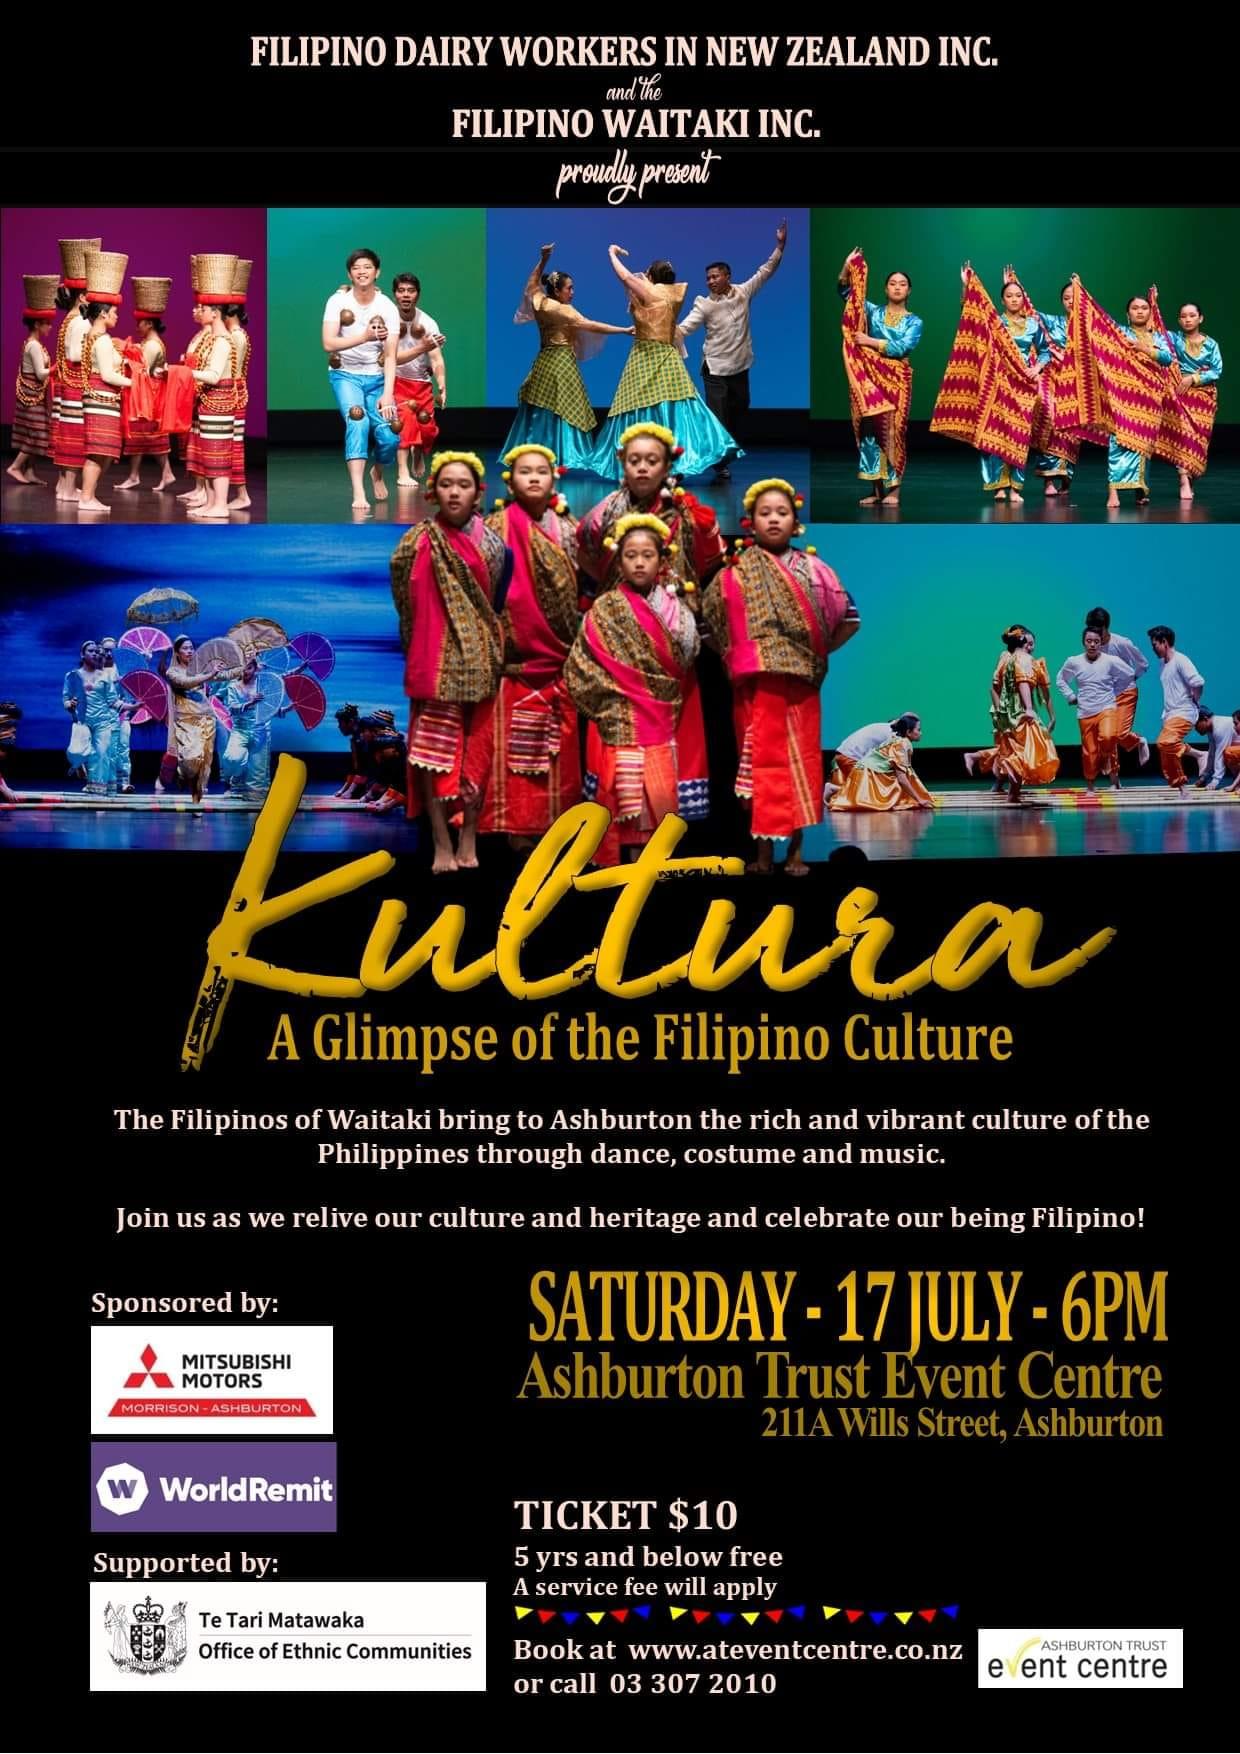 Kultura - A Glimpse of the Filipino Culture